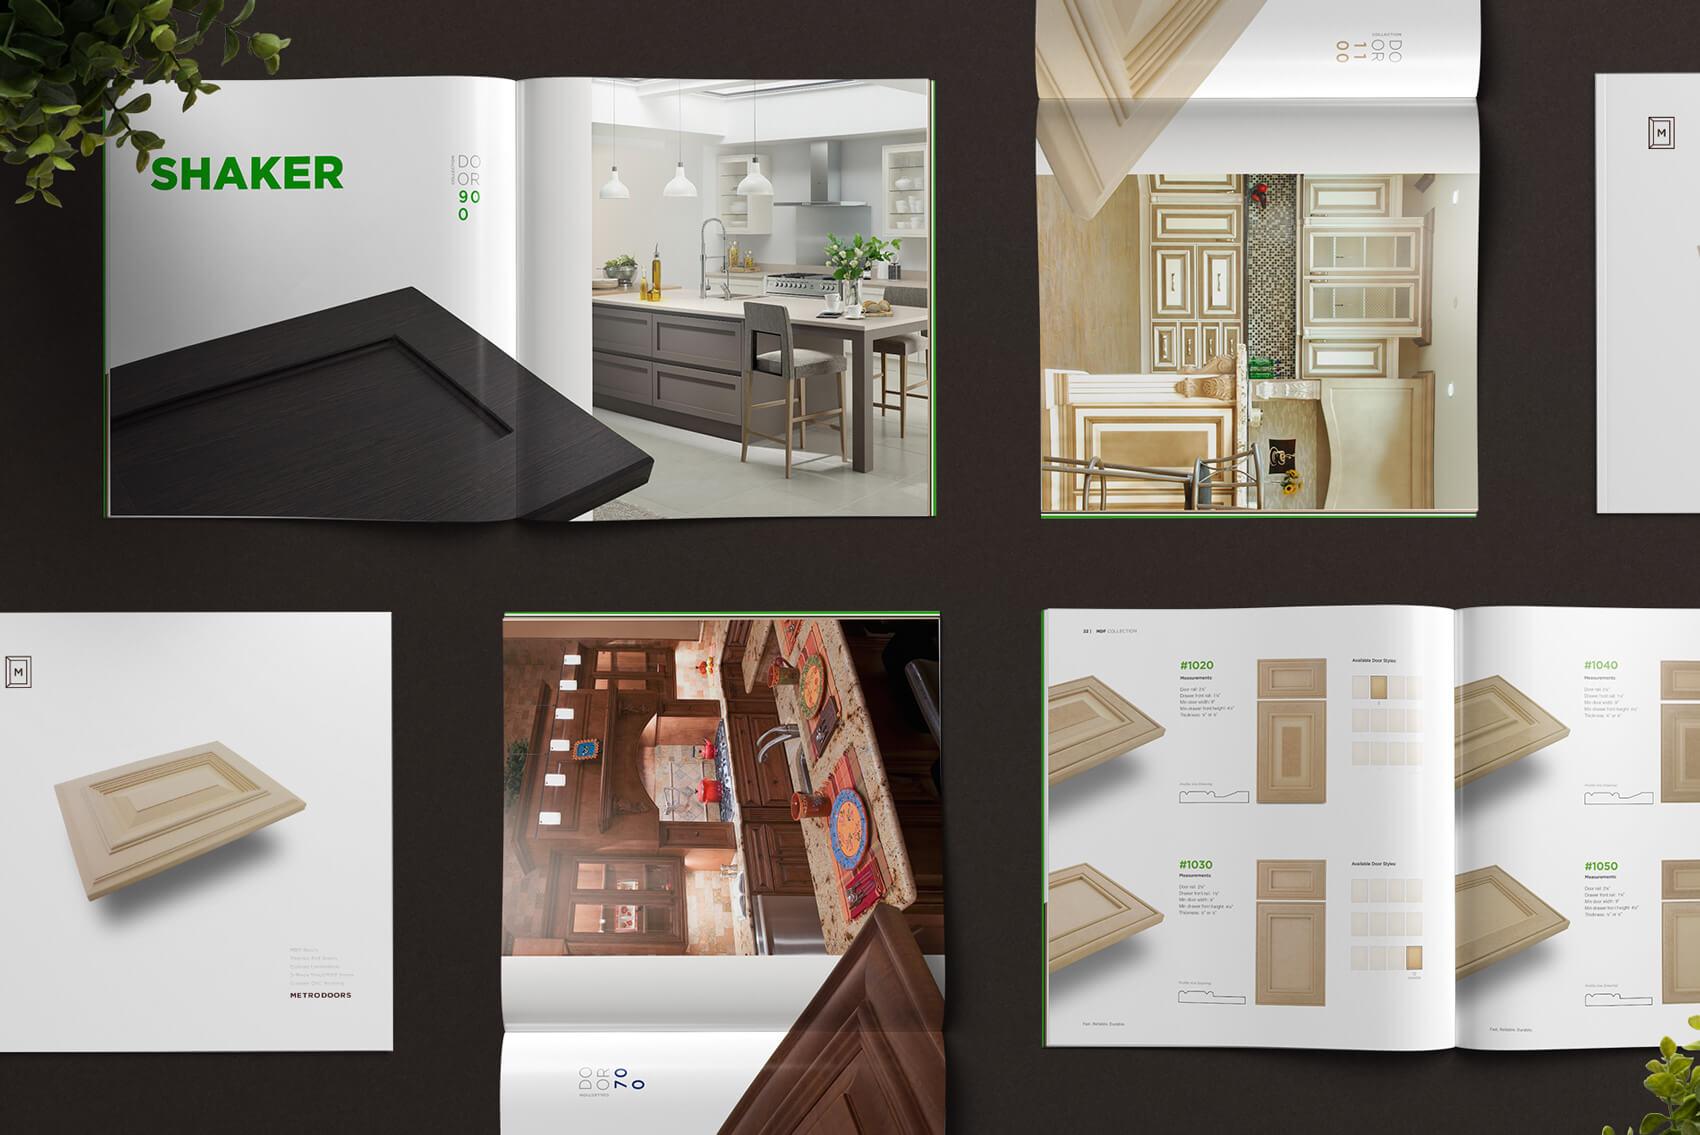 metrodoors-branding-catalog-1